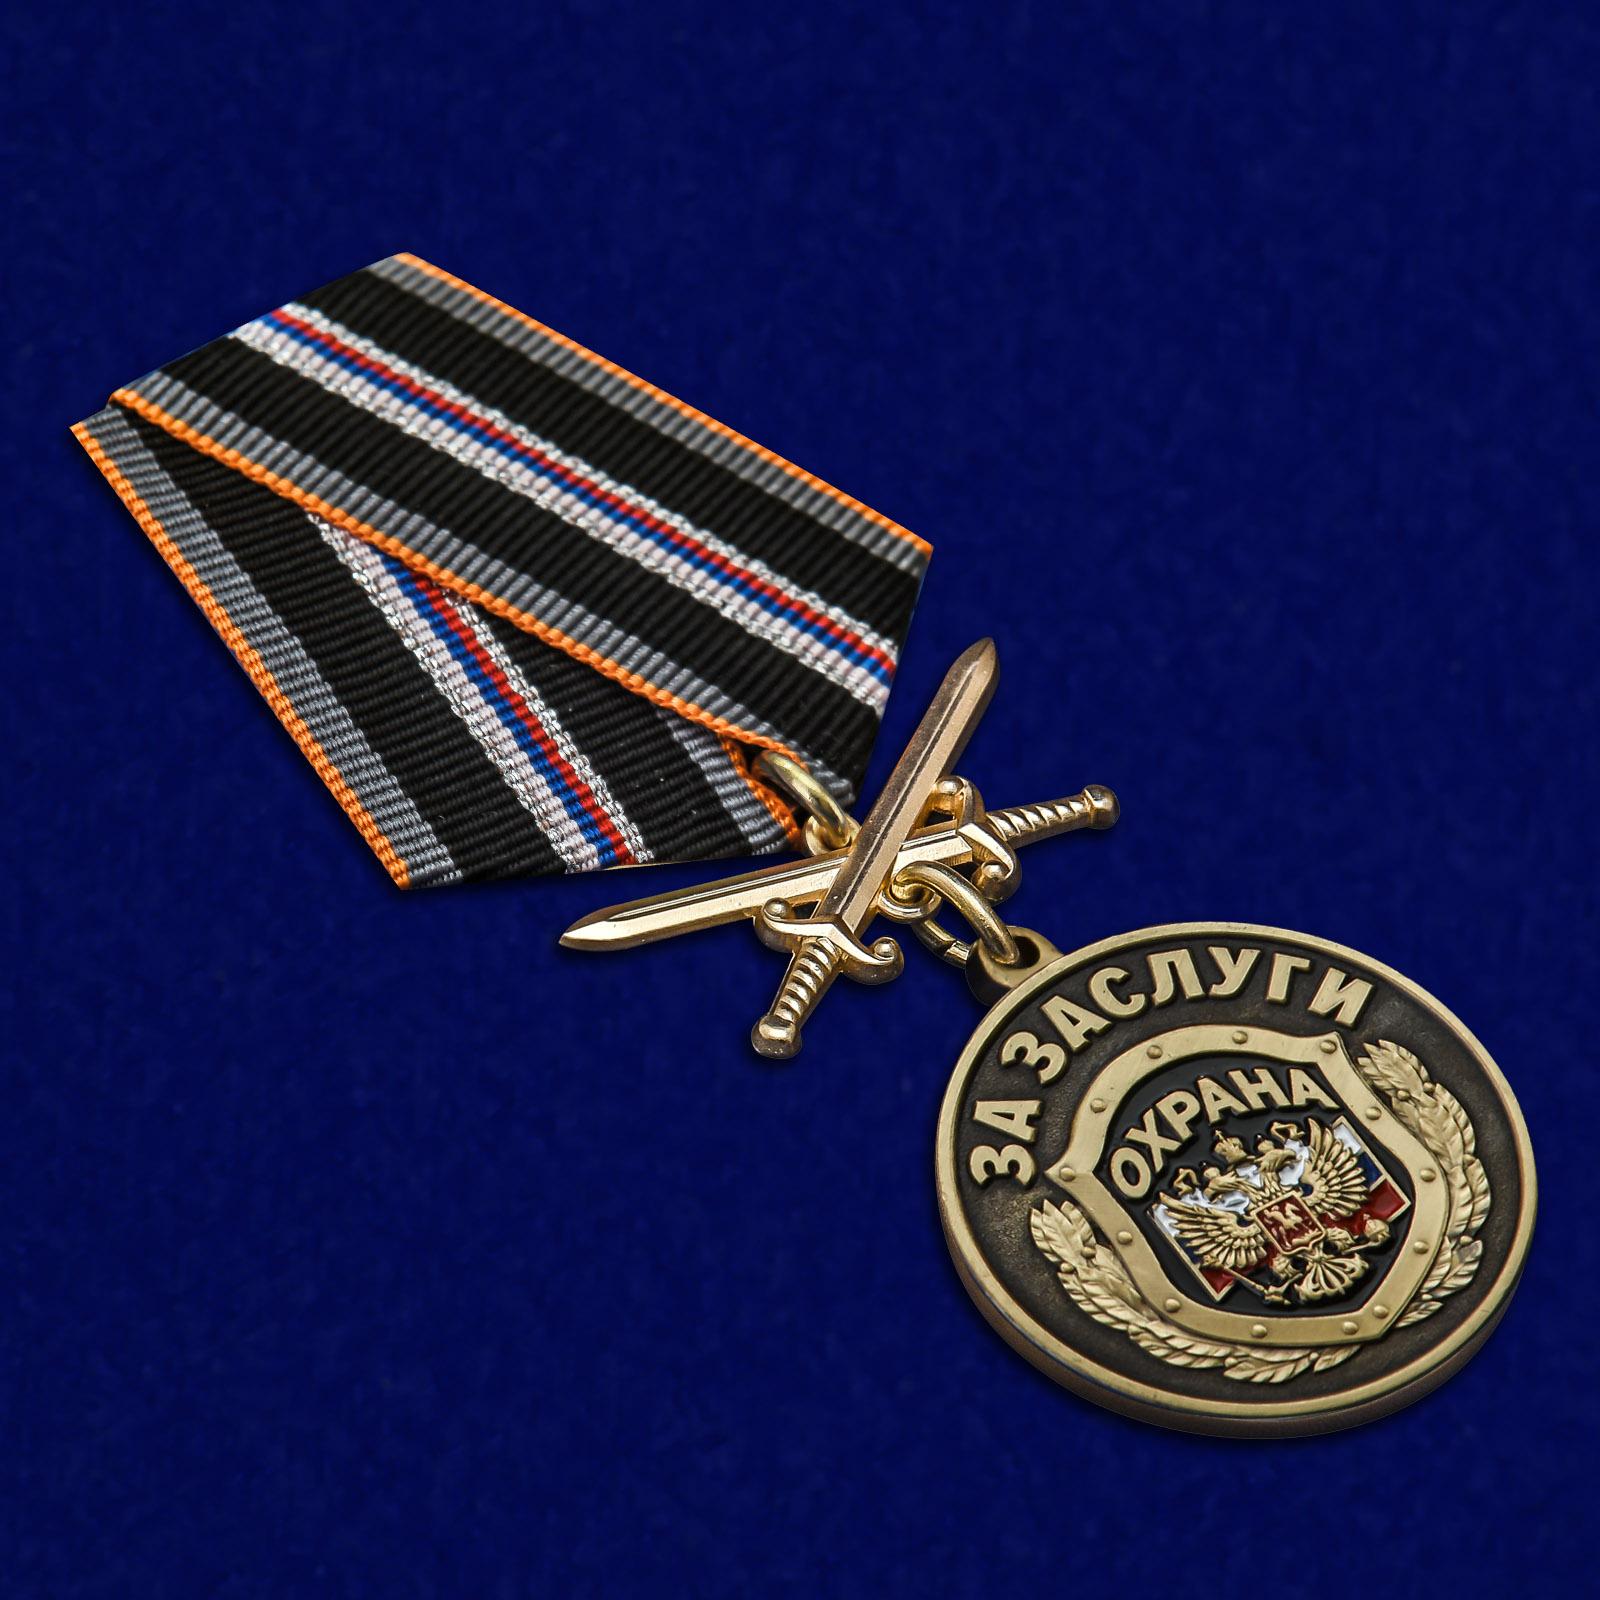 """Купить медаль """"За заслуги"""" Охрана"""